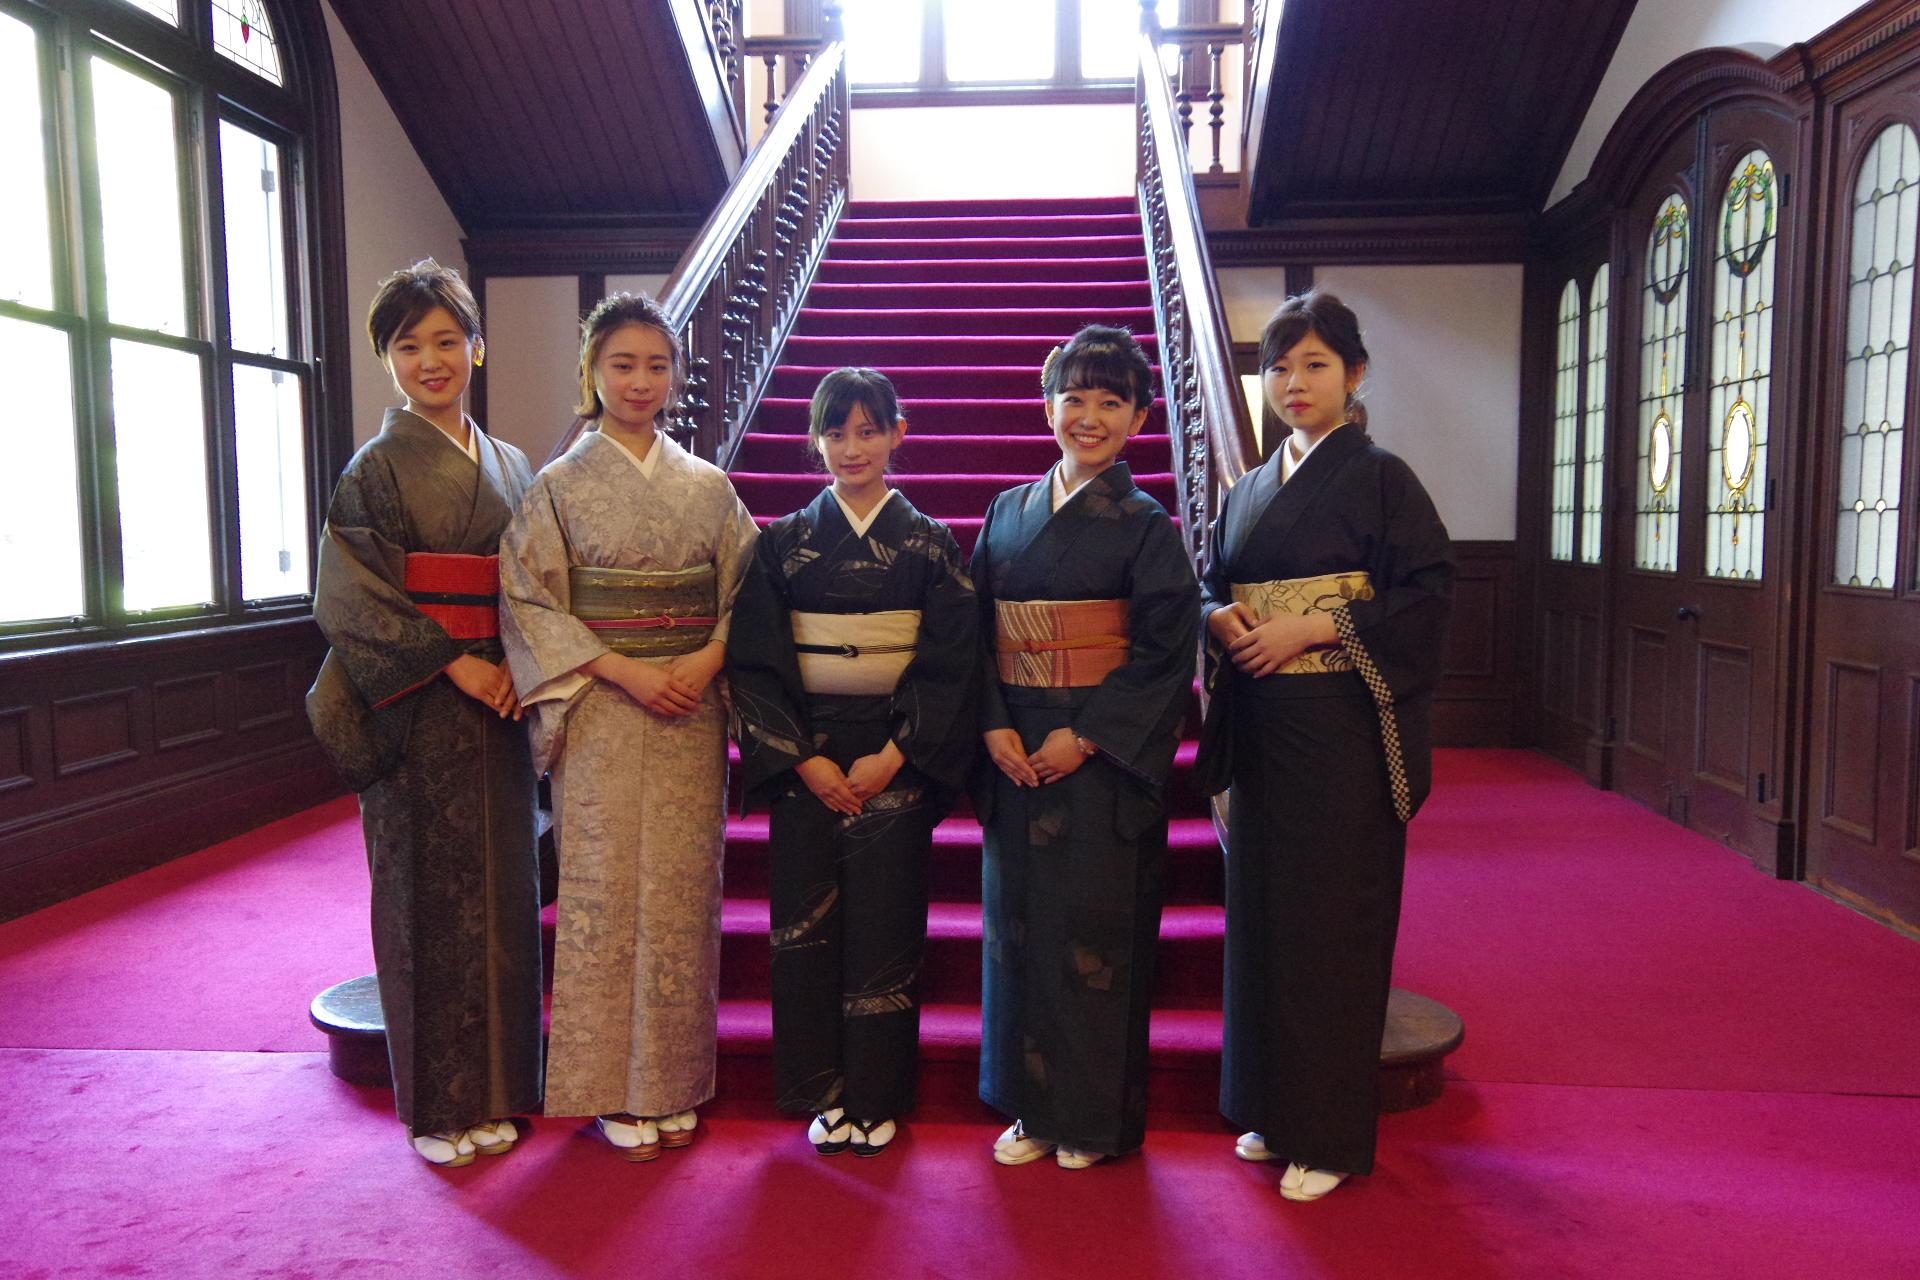 清泉女子大学が4月22日に毎年恒例のガーデンパーティーを開催 -- ツツジの季節に新入生を歓迎する学生主催イベント